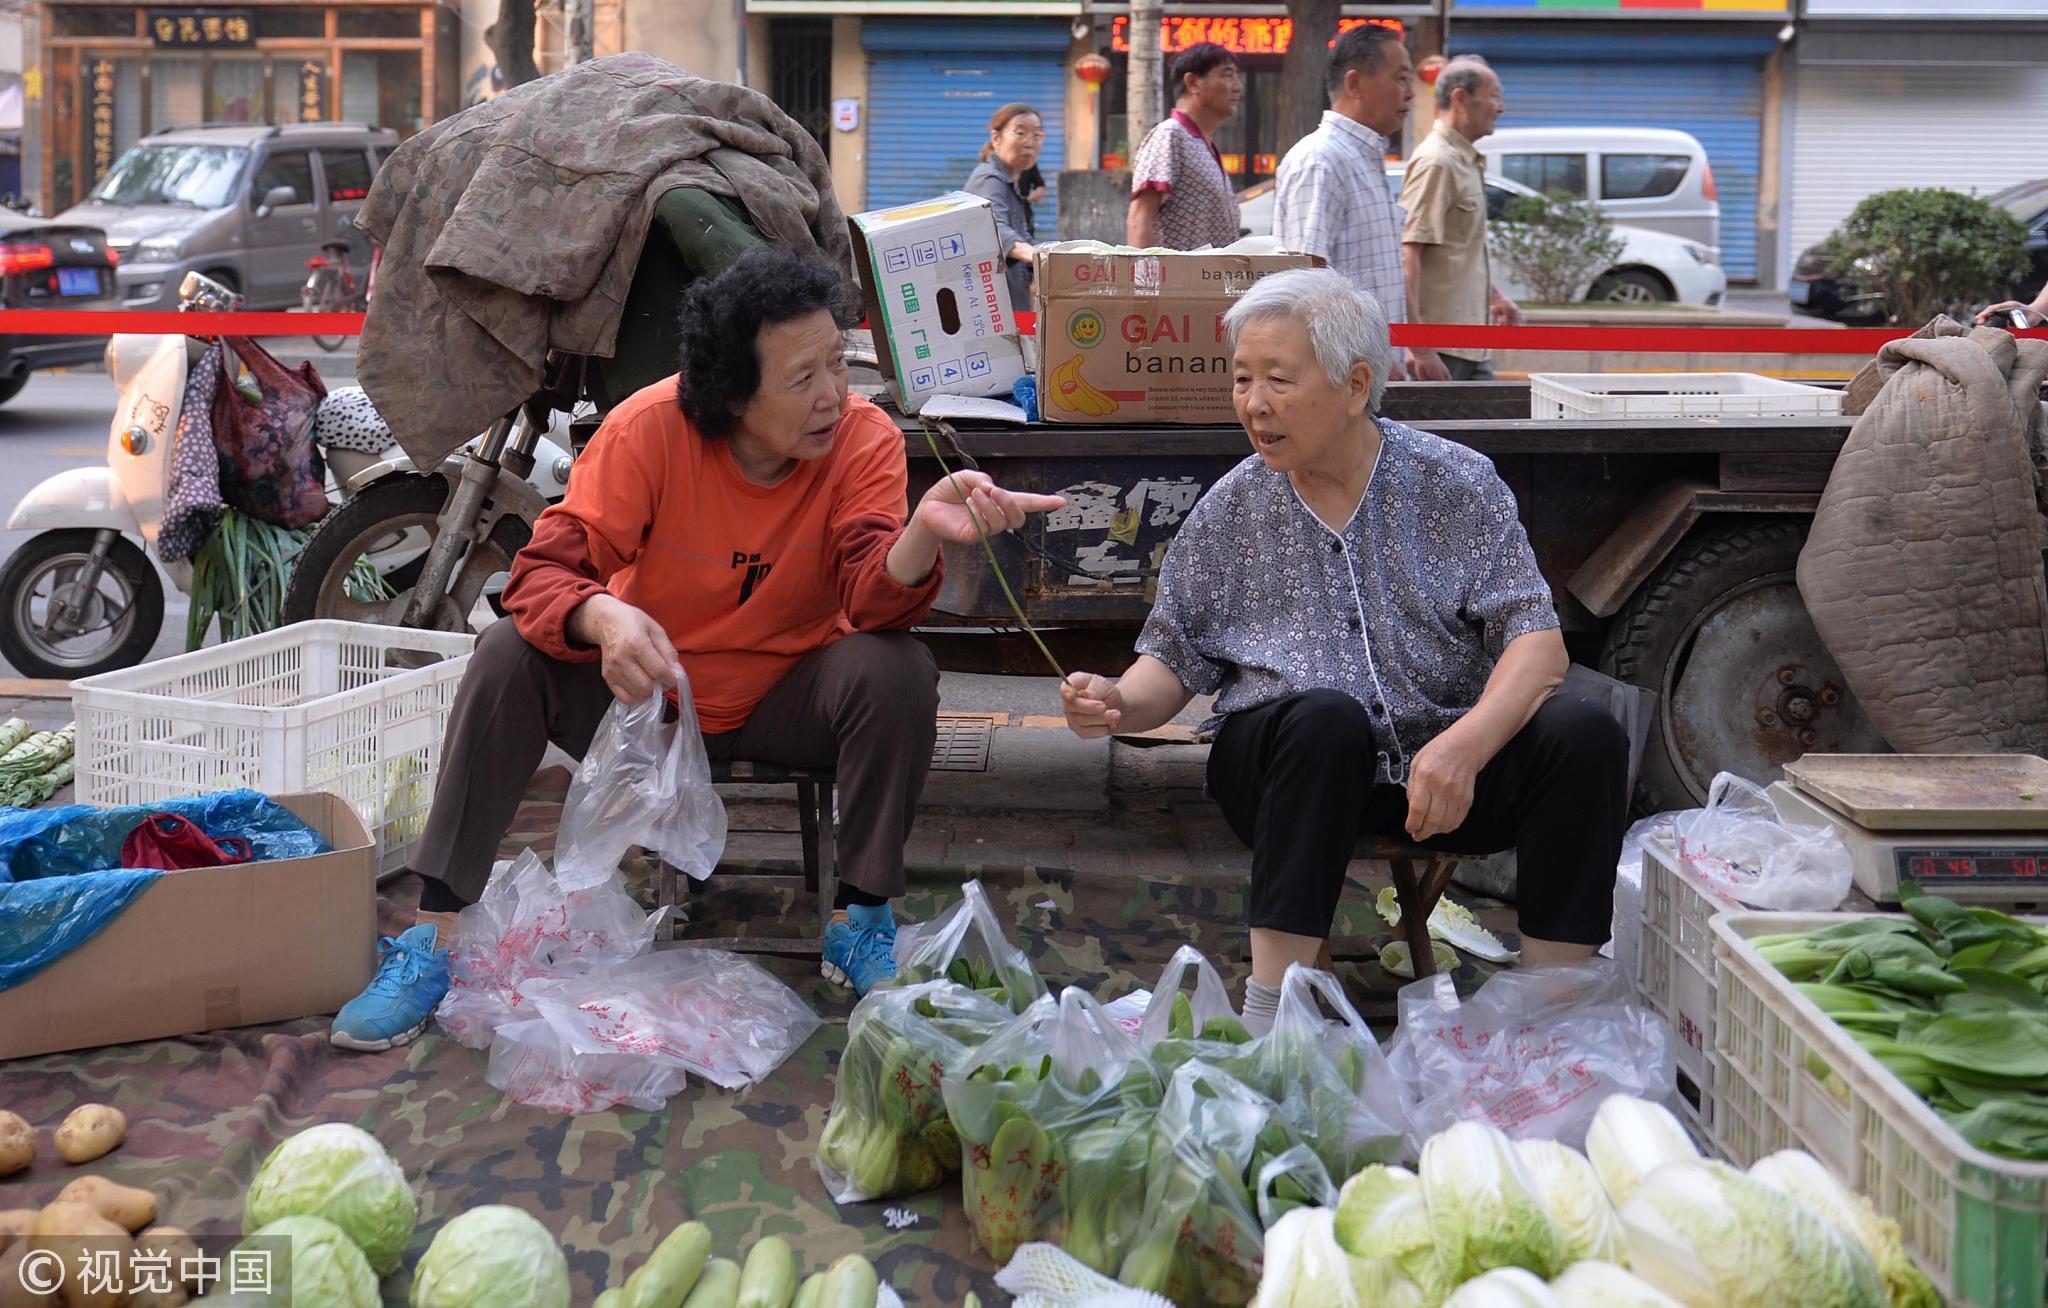 石家庄,两位奶奶在菜市上聊天。她们过去是邻居,如今好不容易见一面,两人在聊过去的熟人 / 视觉中国